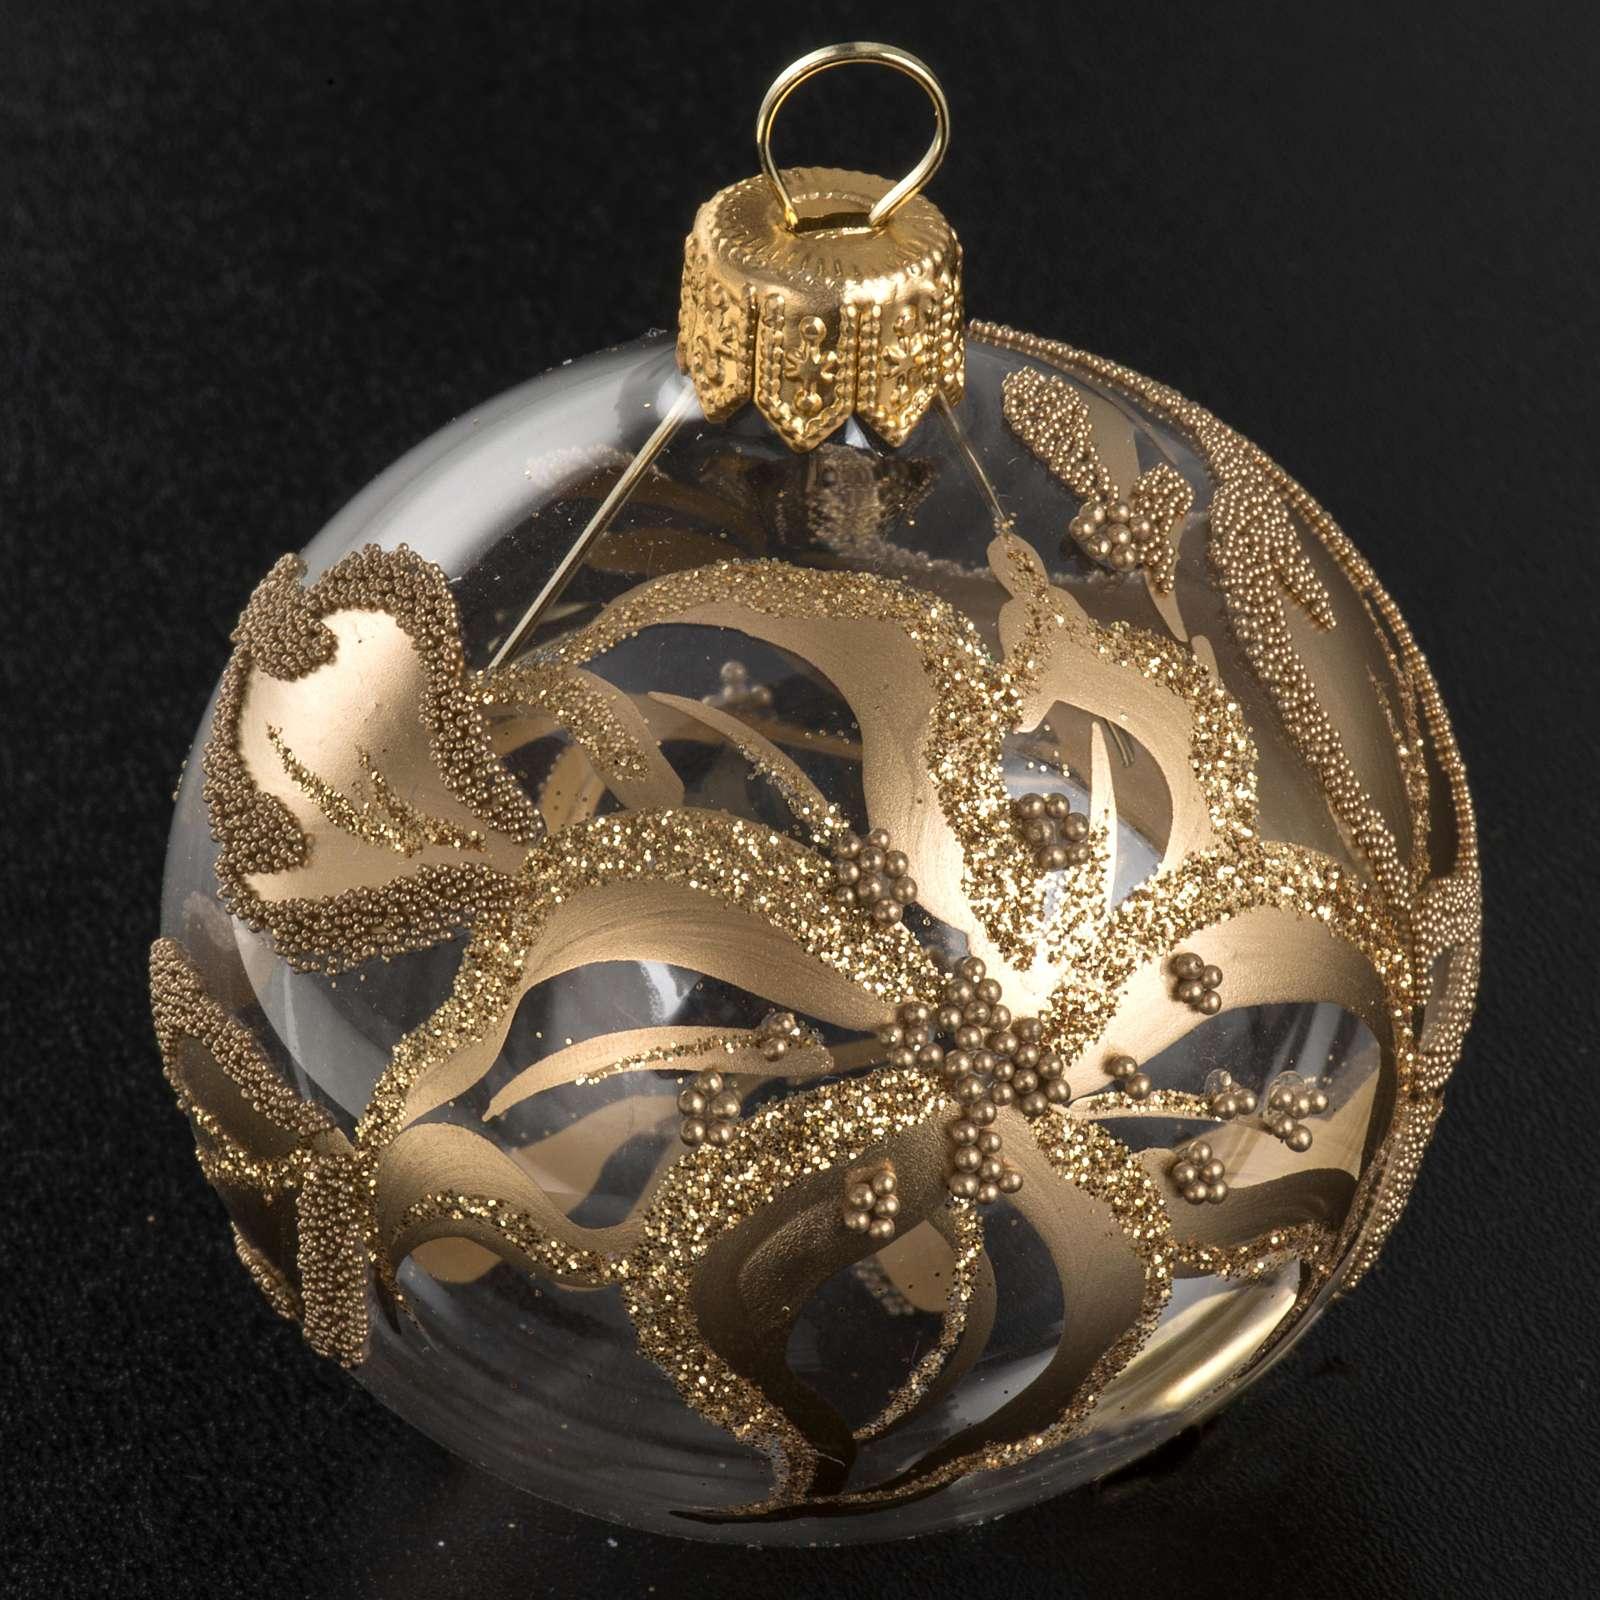 Addobbo albero oro trasparente vetro soffiato diam 6 cm 4